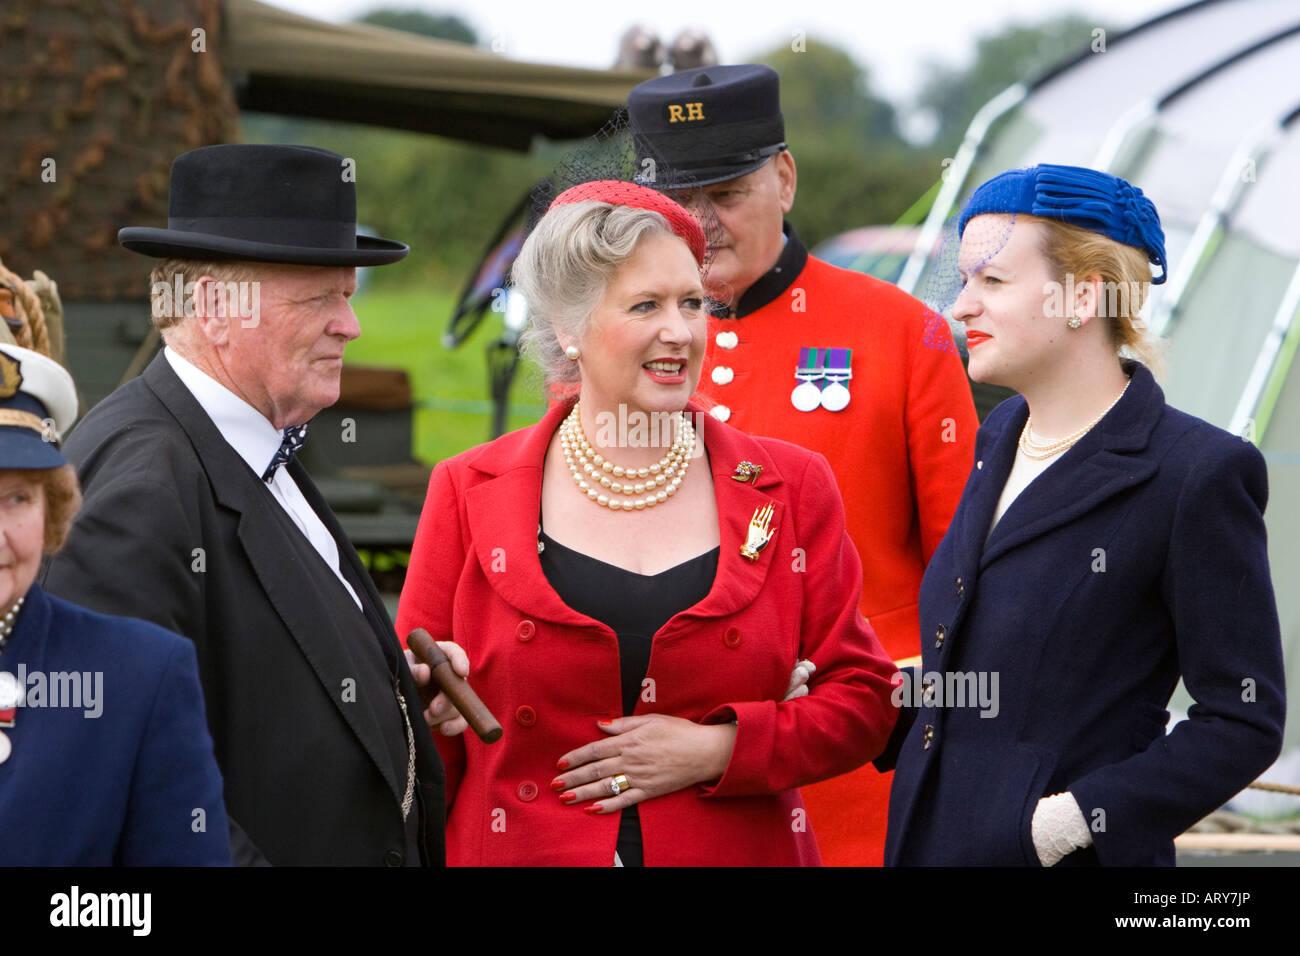 Lhomme Parlant à Deux Dames Shabiller En Costume De Guerre